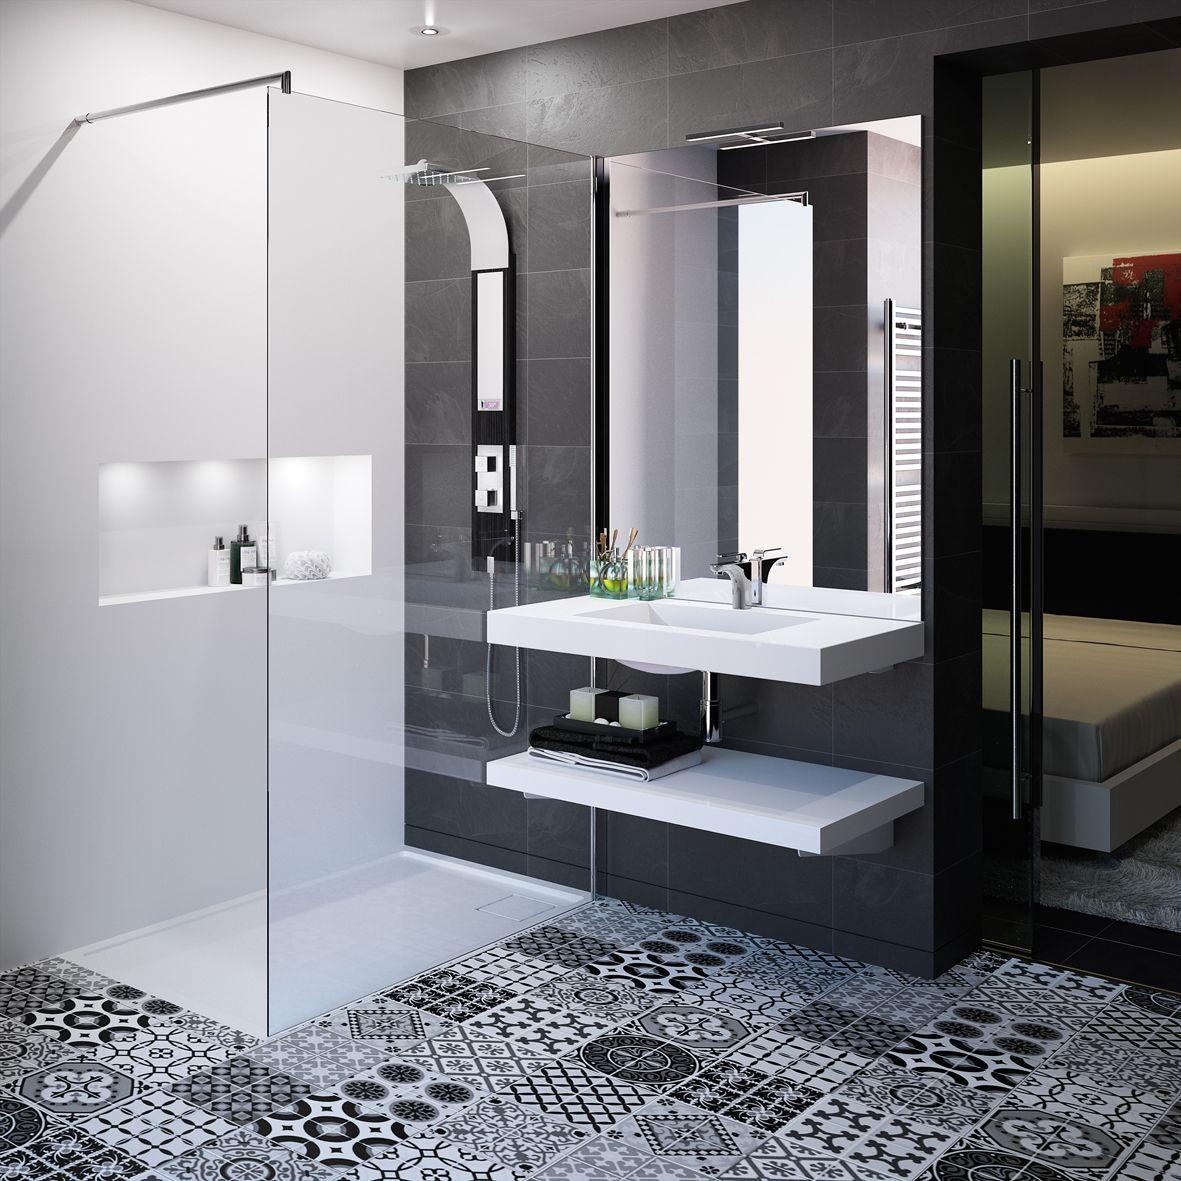 Meubles de salle de bain cedam gamme extenso sur mesure - Faience salle de bain noir et blanc ...